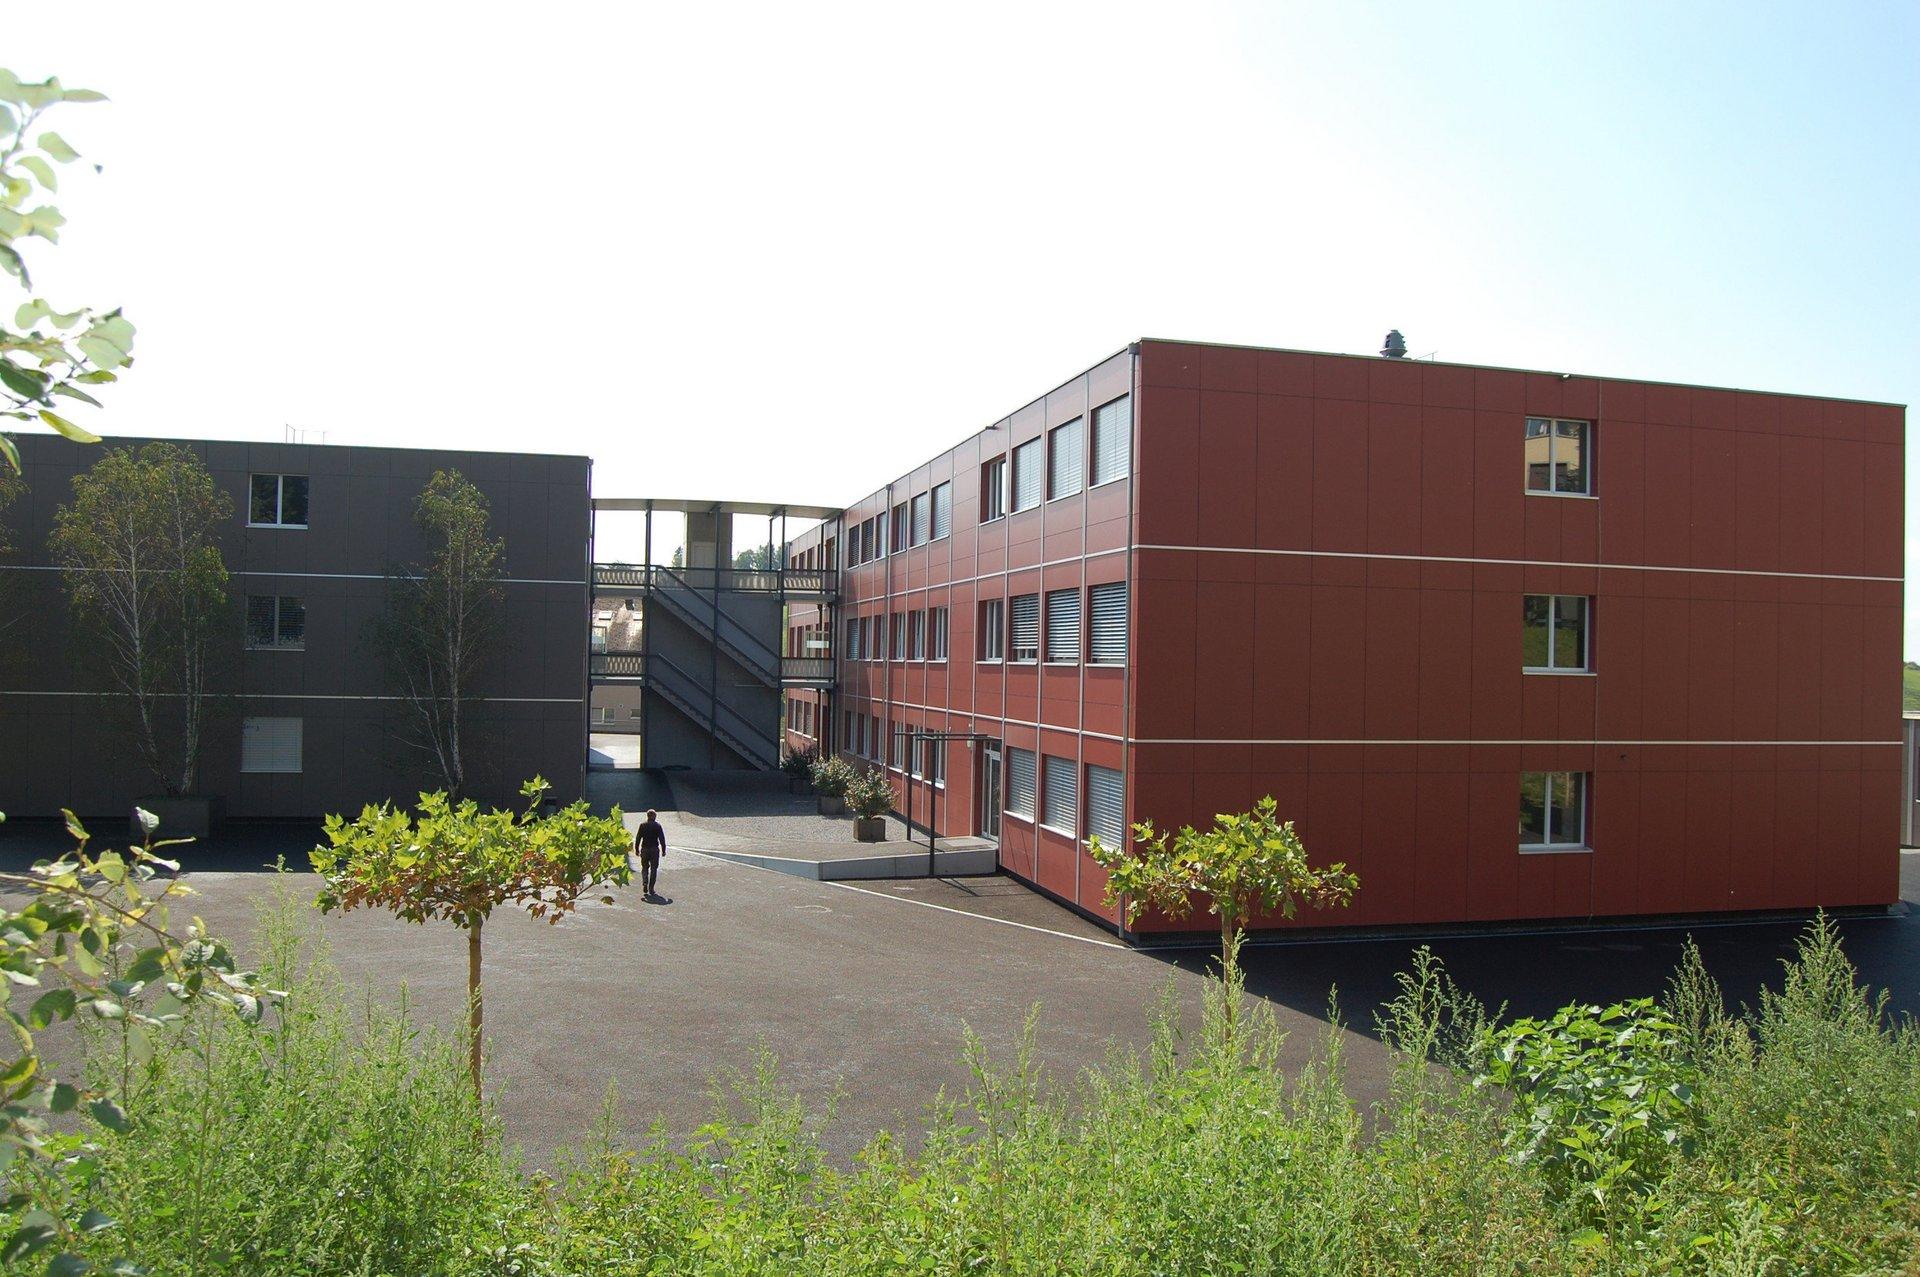 2 3-geschossige Schulgebäude durch äussere Treppenanlage verbunden